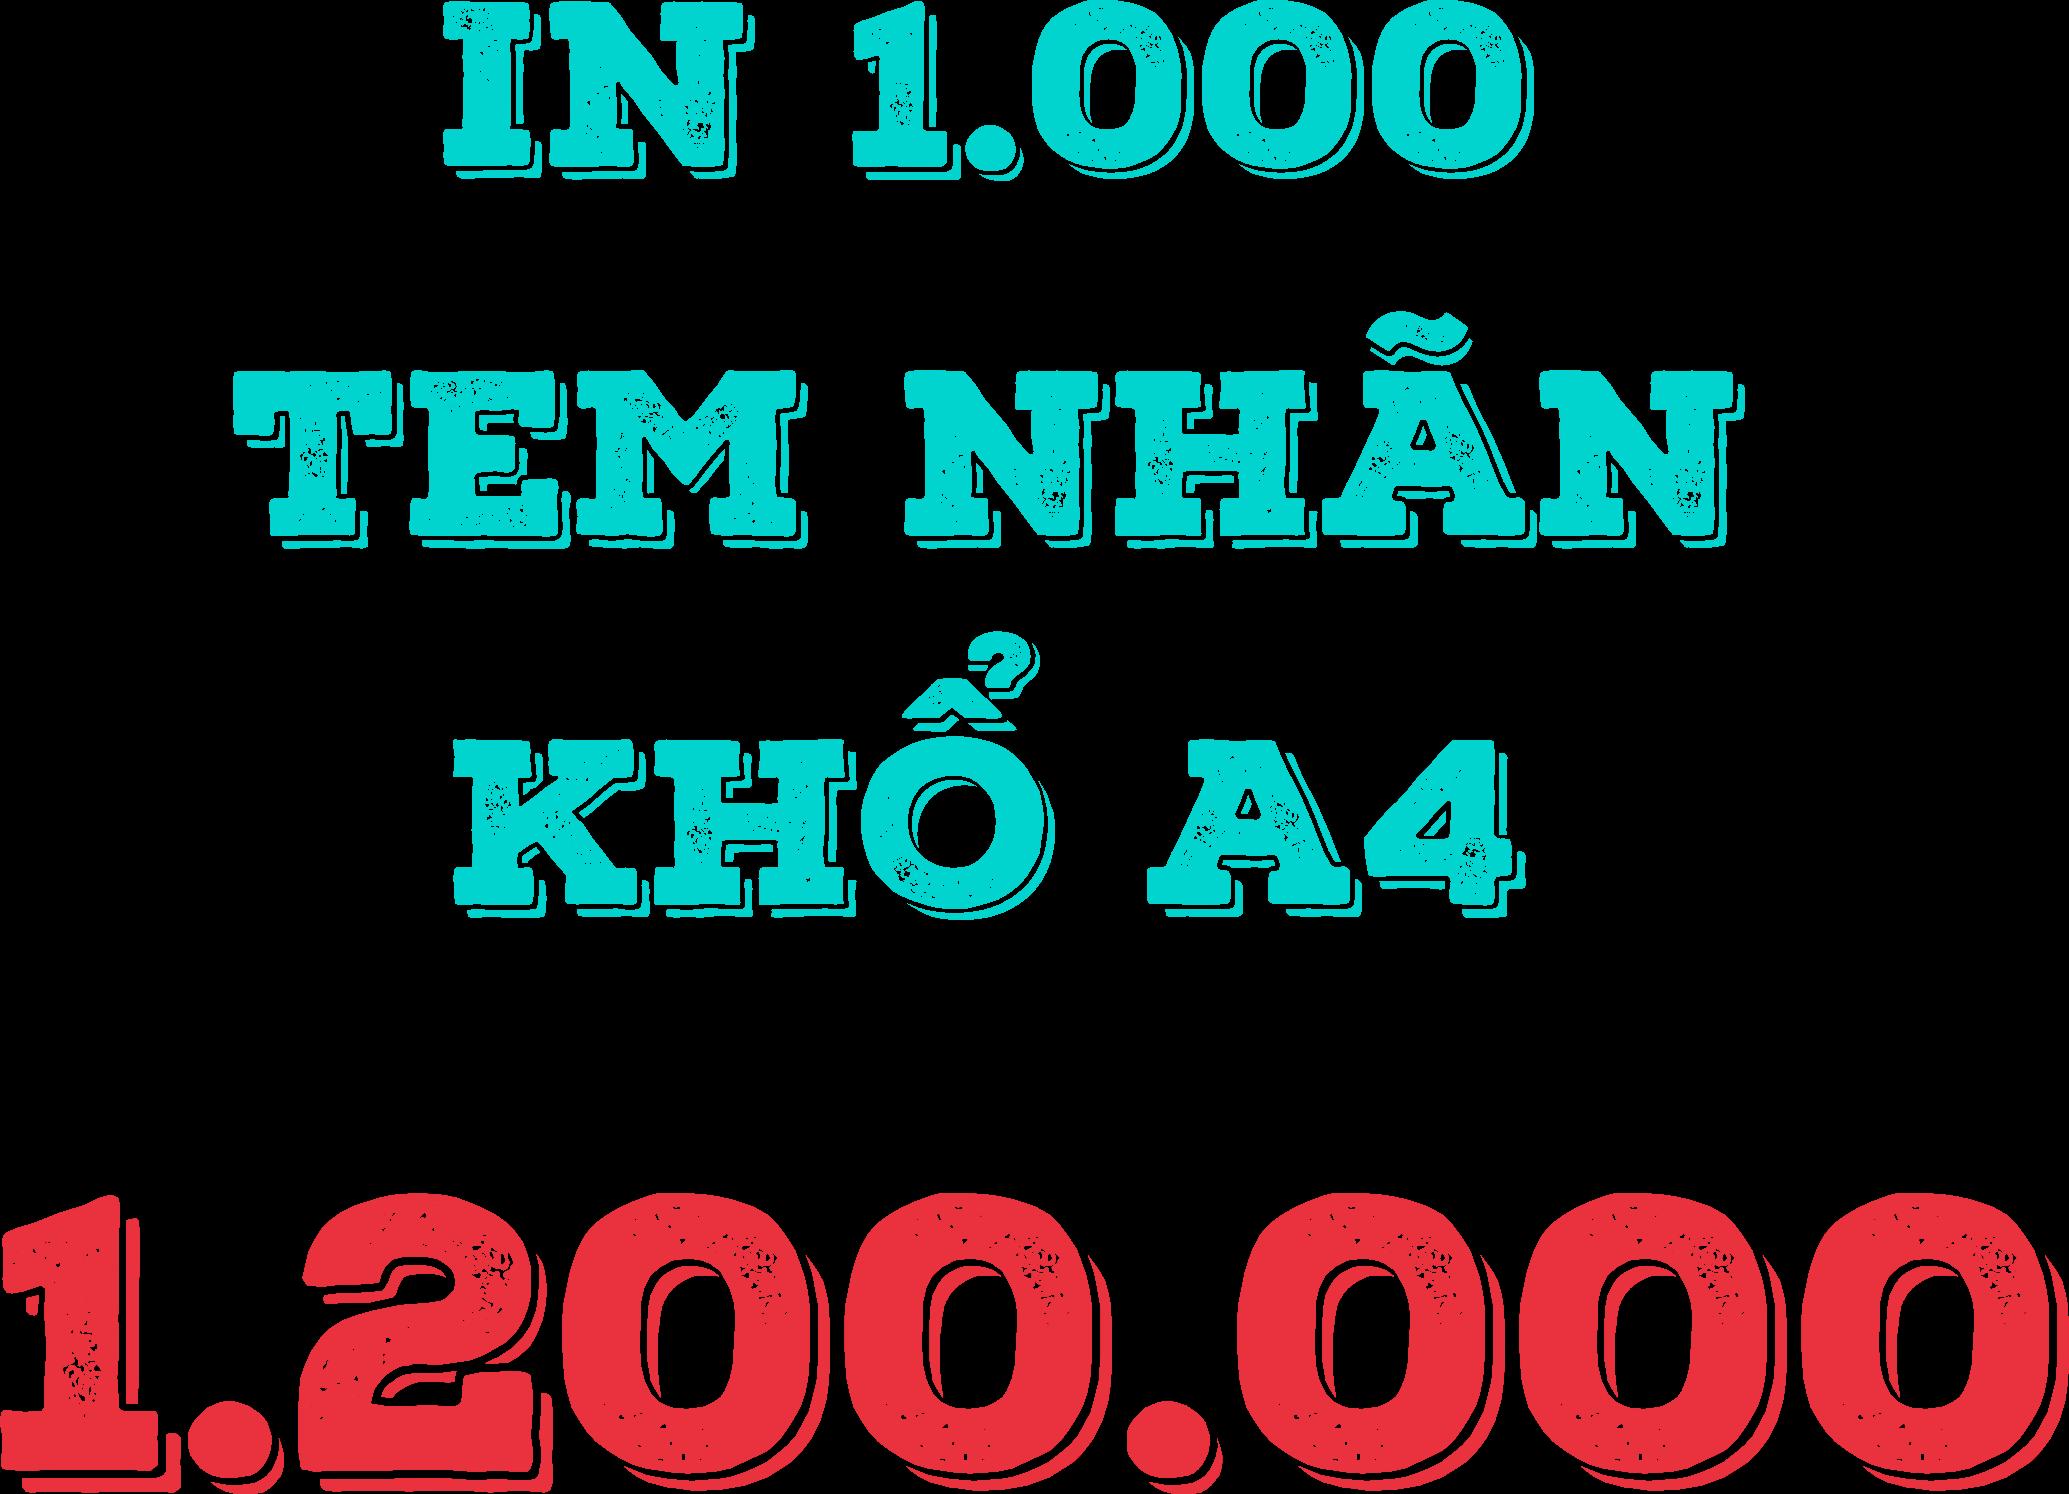 THIẾT KẾ MIỄN PHÍ 1000 tờ rơi 589.000, 1.000 cuon Catalogue 3.899.000, - 8